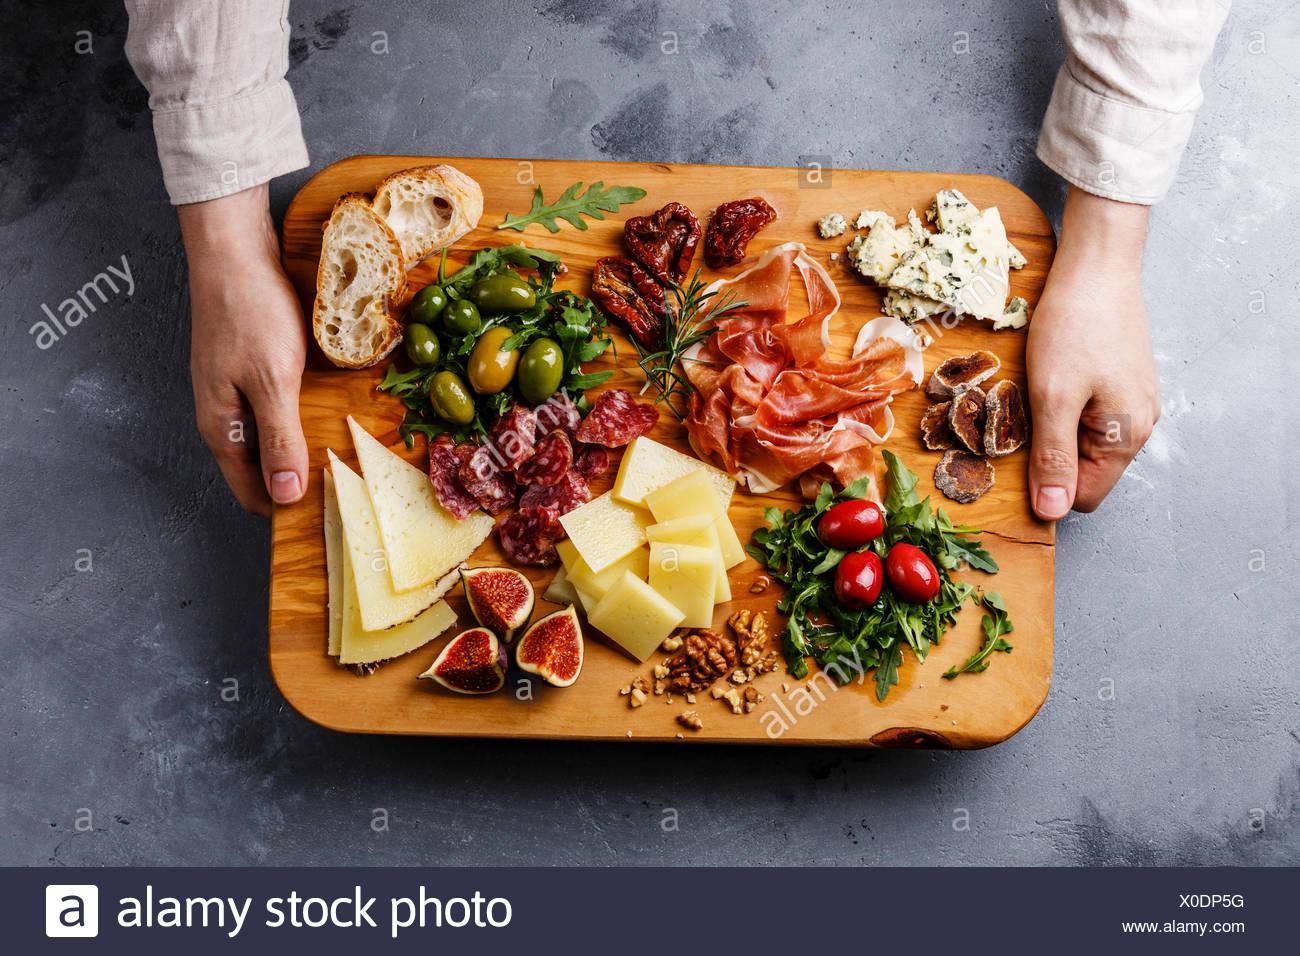 italienische snacks essen mit schinken oliven k se. Black Bedroom Furniture Sets. Home Design Ideas